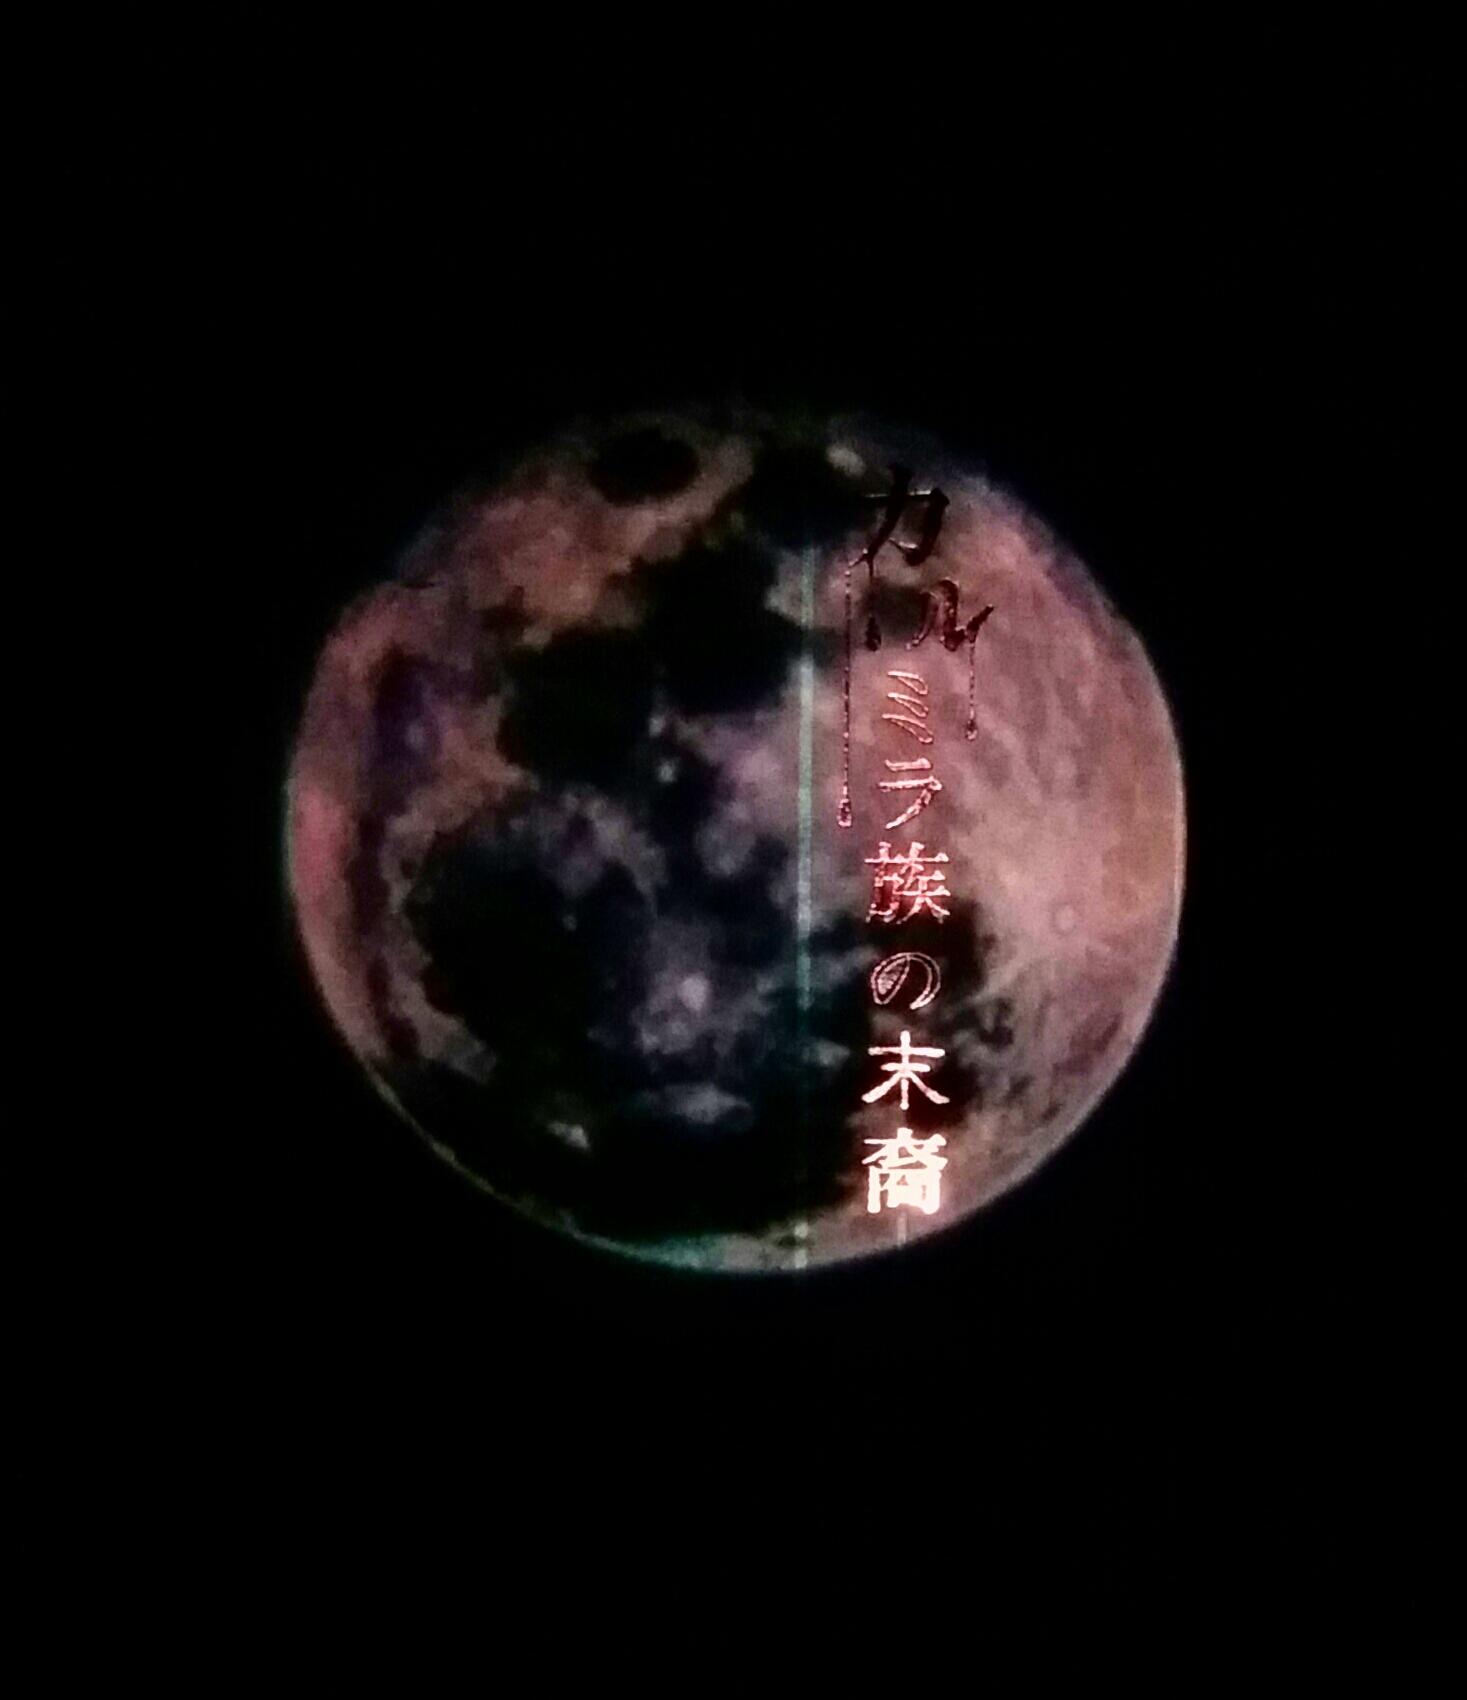 6/11(日)【文学フリマ岩手】委託参加のお知らせ